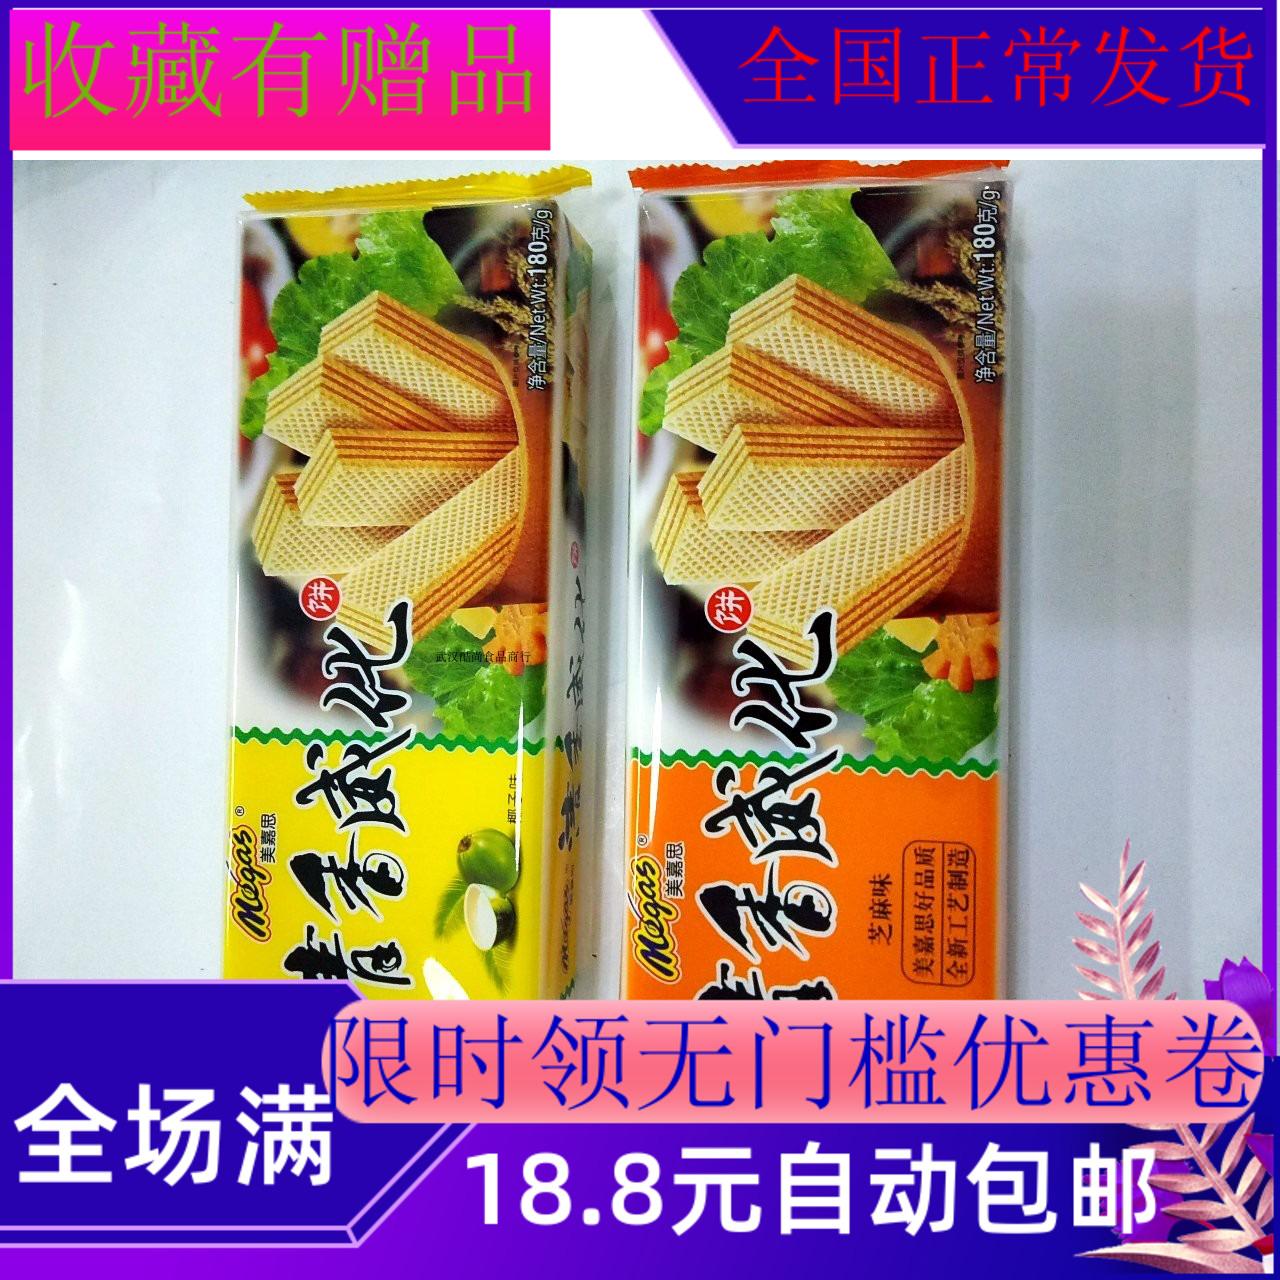 180g美嘉思清香威化饼芝麻味椰子味果味早餐袋装美味健康食品零食